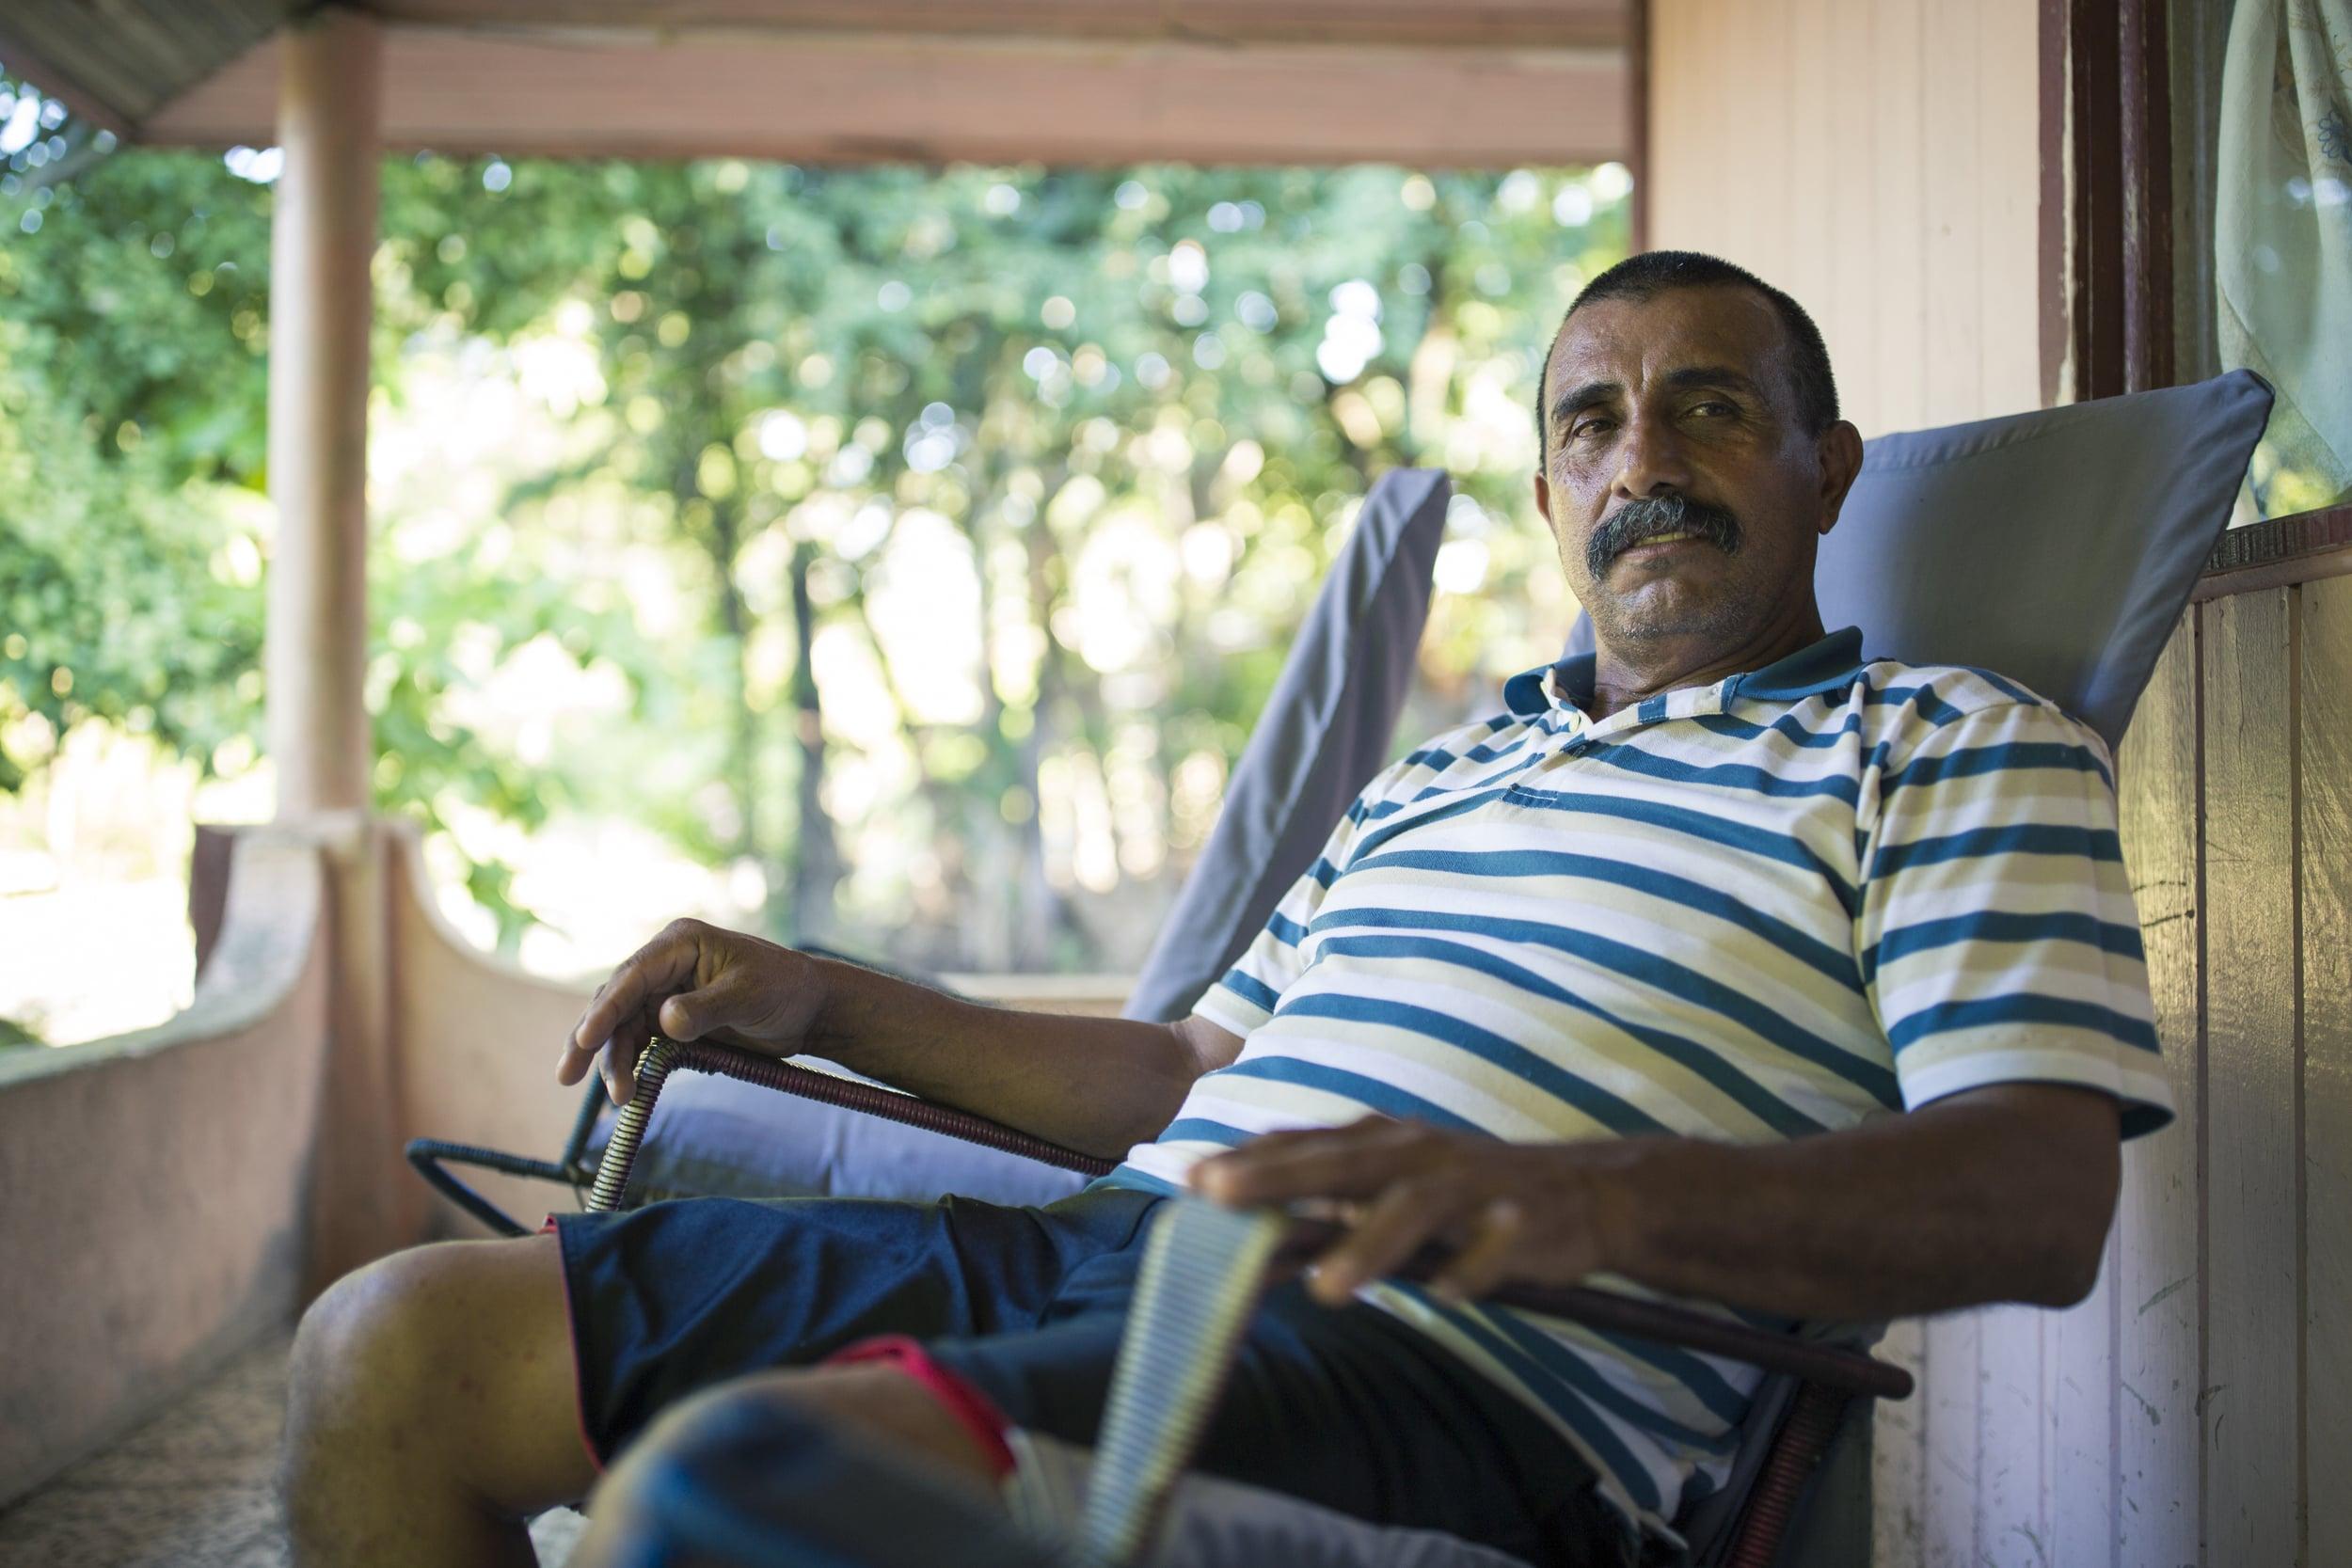 Don Jacinto se ha dedicado al trabajo turístico en el Golfo de Nicoya, pero también sufre por la inseguridad que ha conllevado la pesca ilegal.